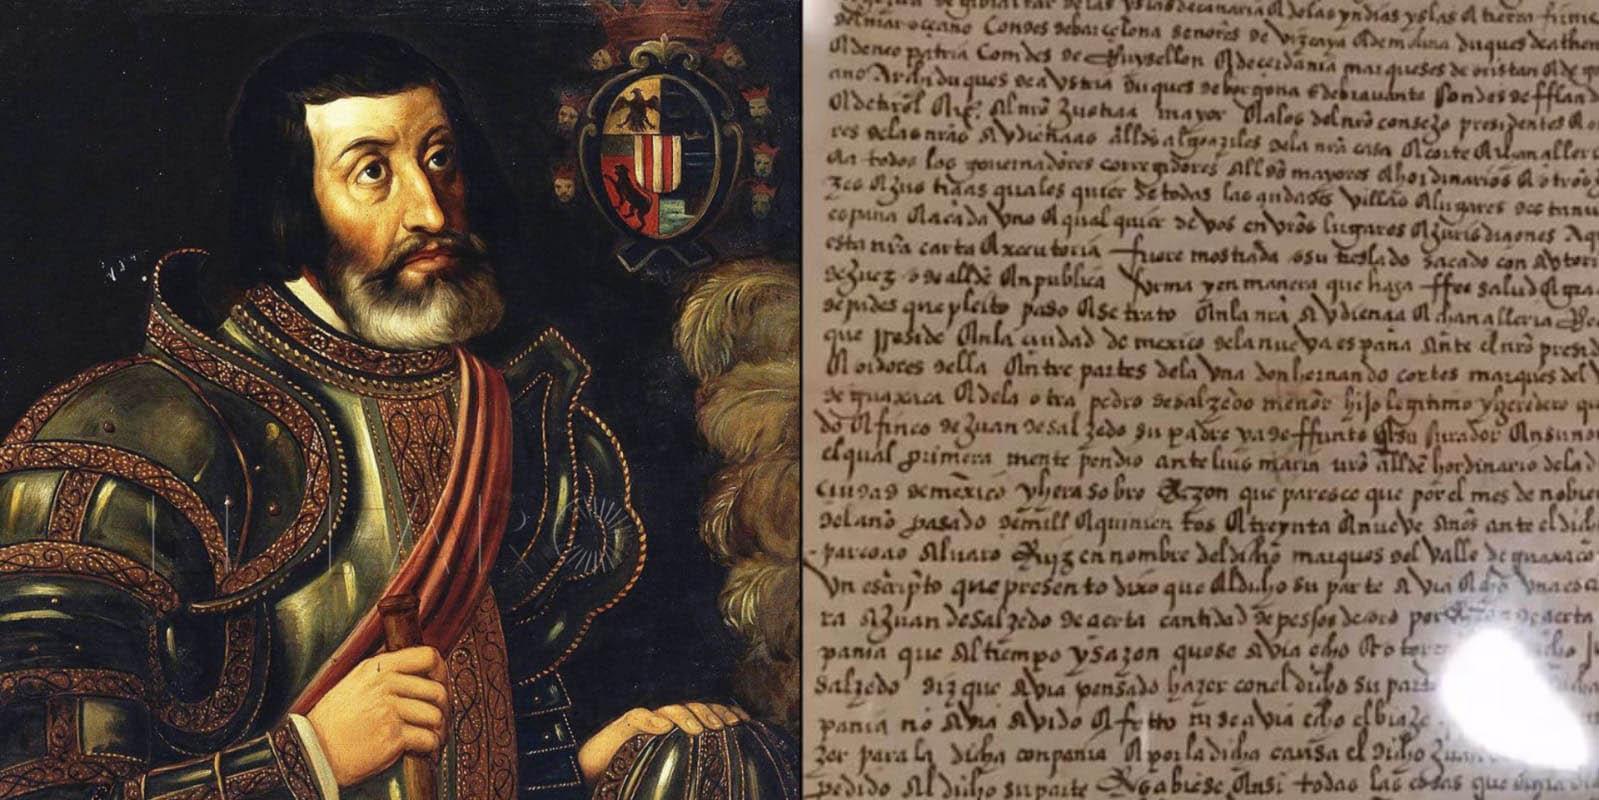 México recupera carta de Hernán Cortés entre otros documentos históricos del siglo XVI   El Imparcial de Oaxaca